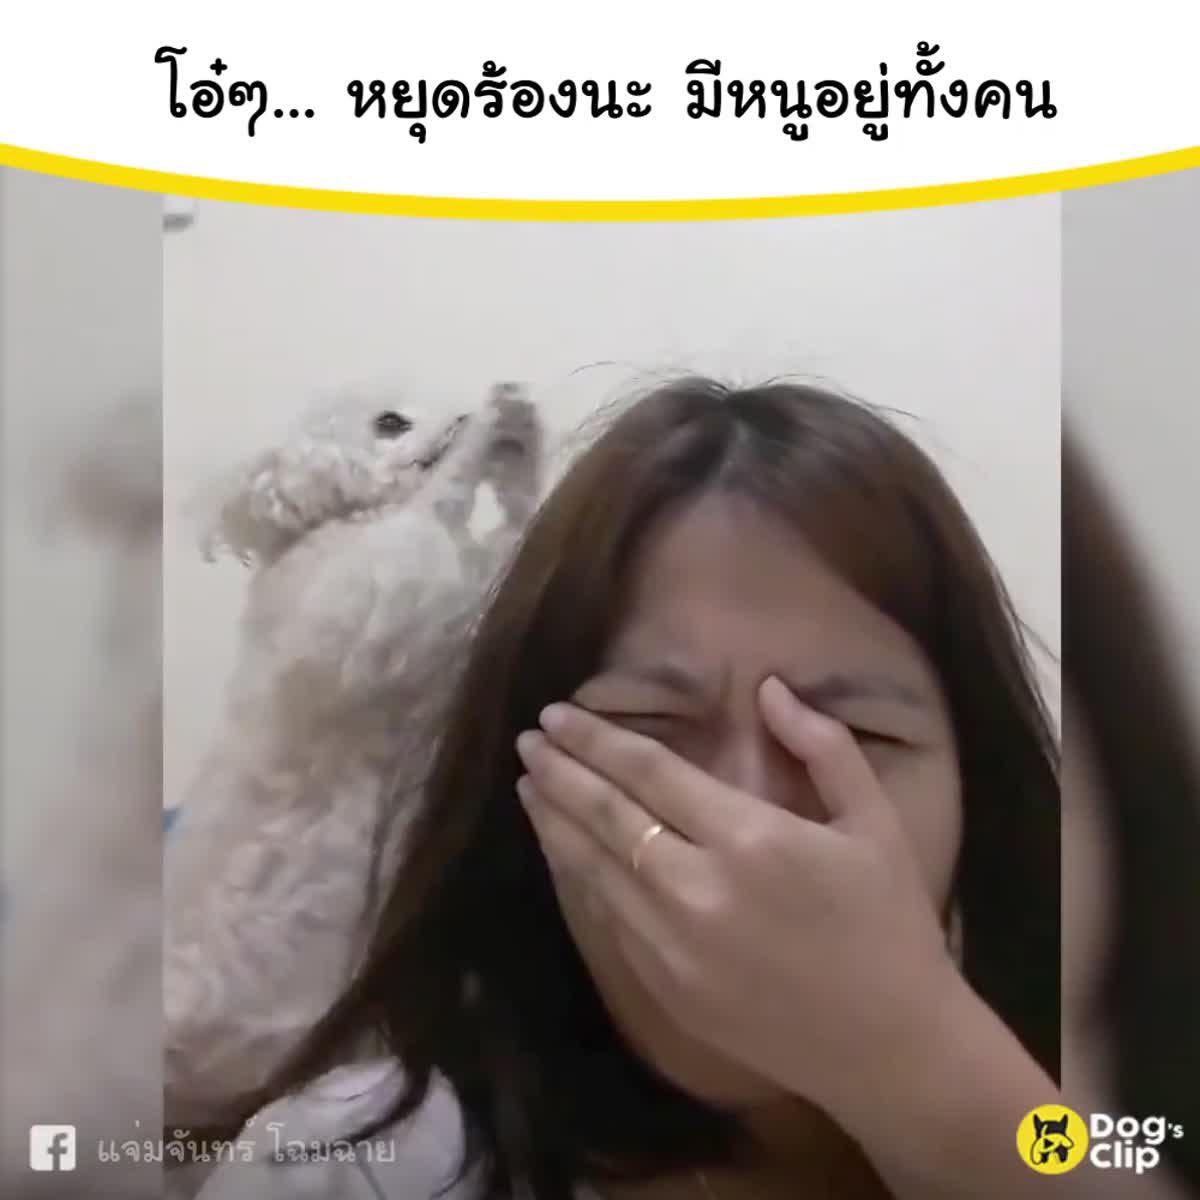 แม่จ๋าอย่าร้องไห้เลยยยย มีหนูอยู่ข้างๆเสมอนะ